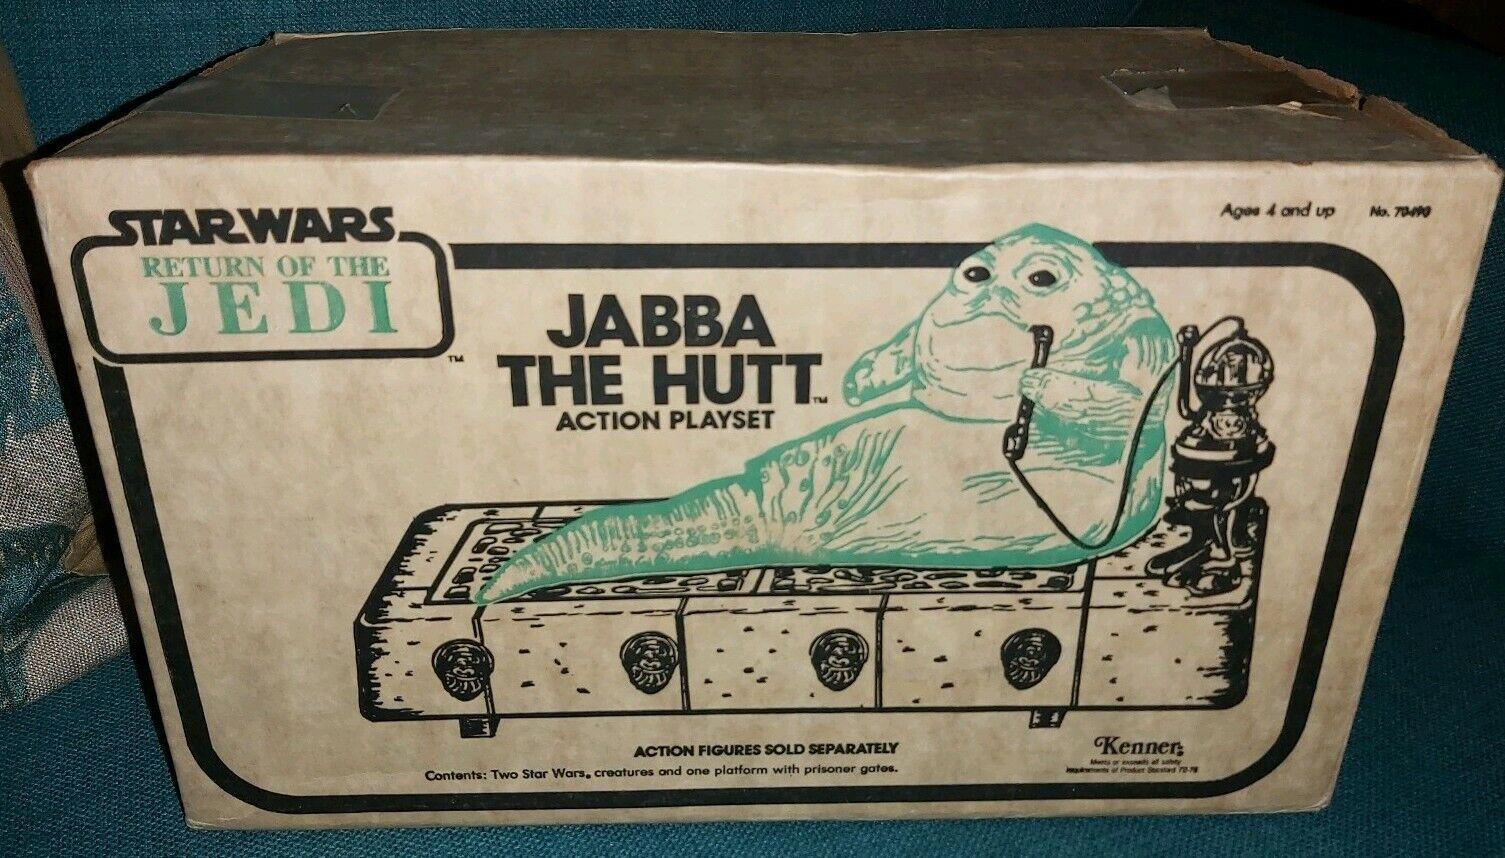 STAR WARS JABBA THE HUTT VINTAGE PLAYSET ULTRA RARE Weiß BOX VARIANT ROTJ